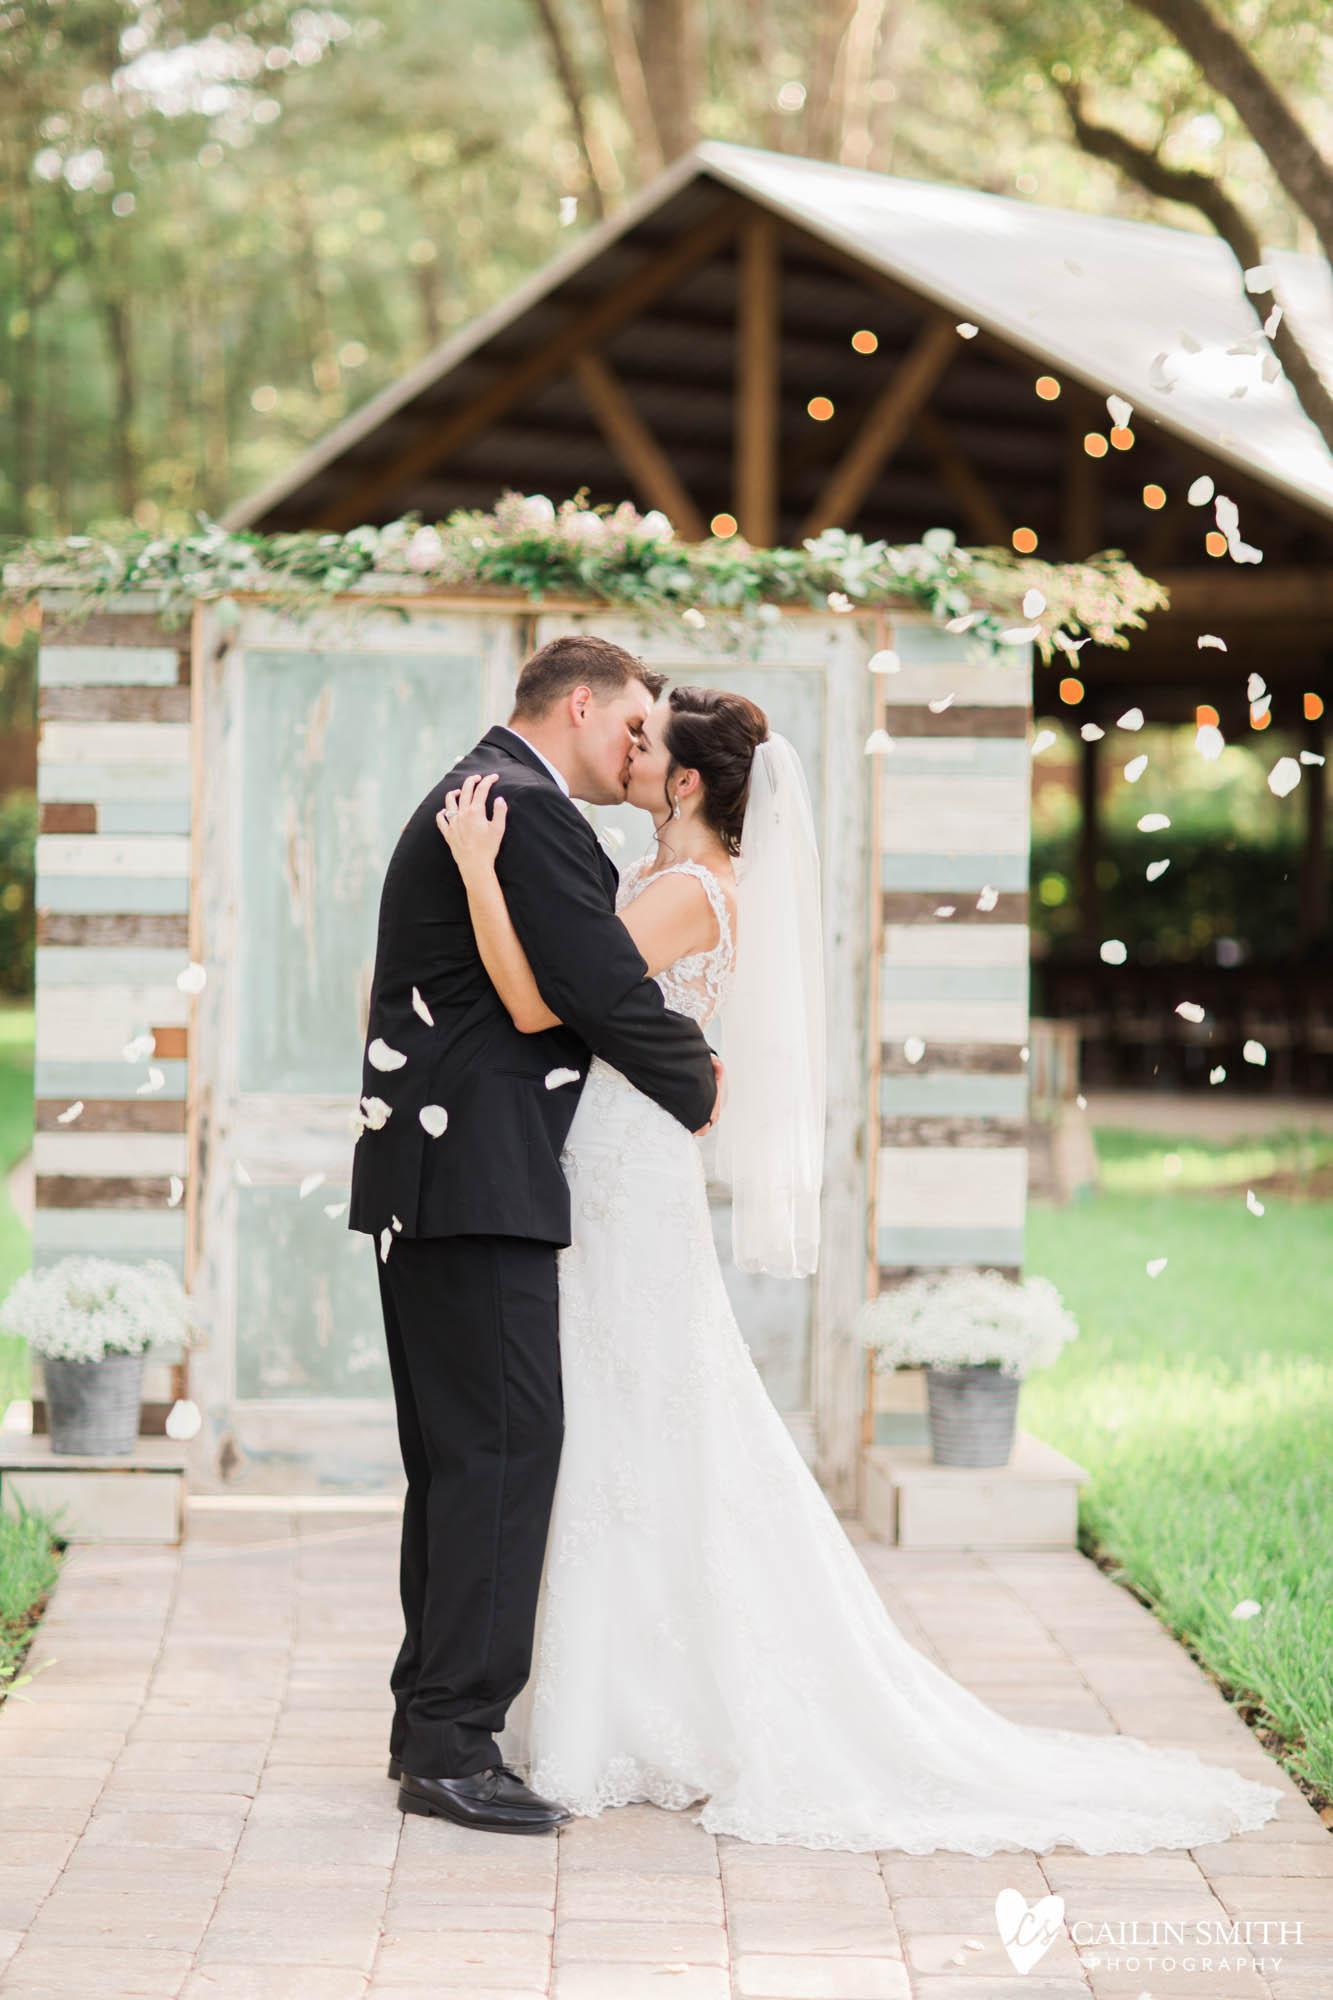 Bethany_Kyle_Bowing_Oaks_Plantation_Wedding_Photography_0080.jpg